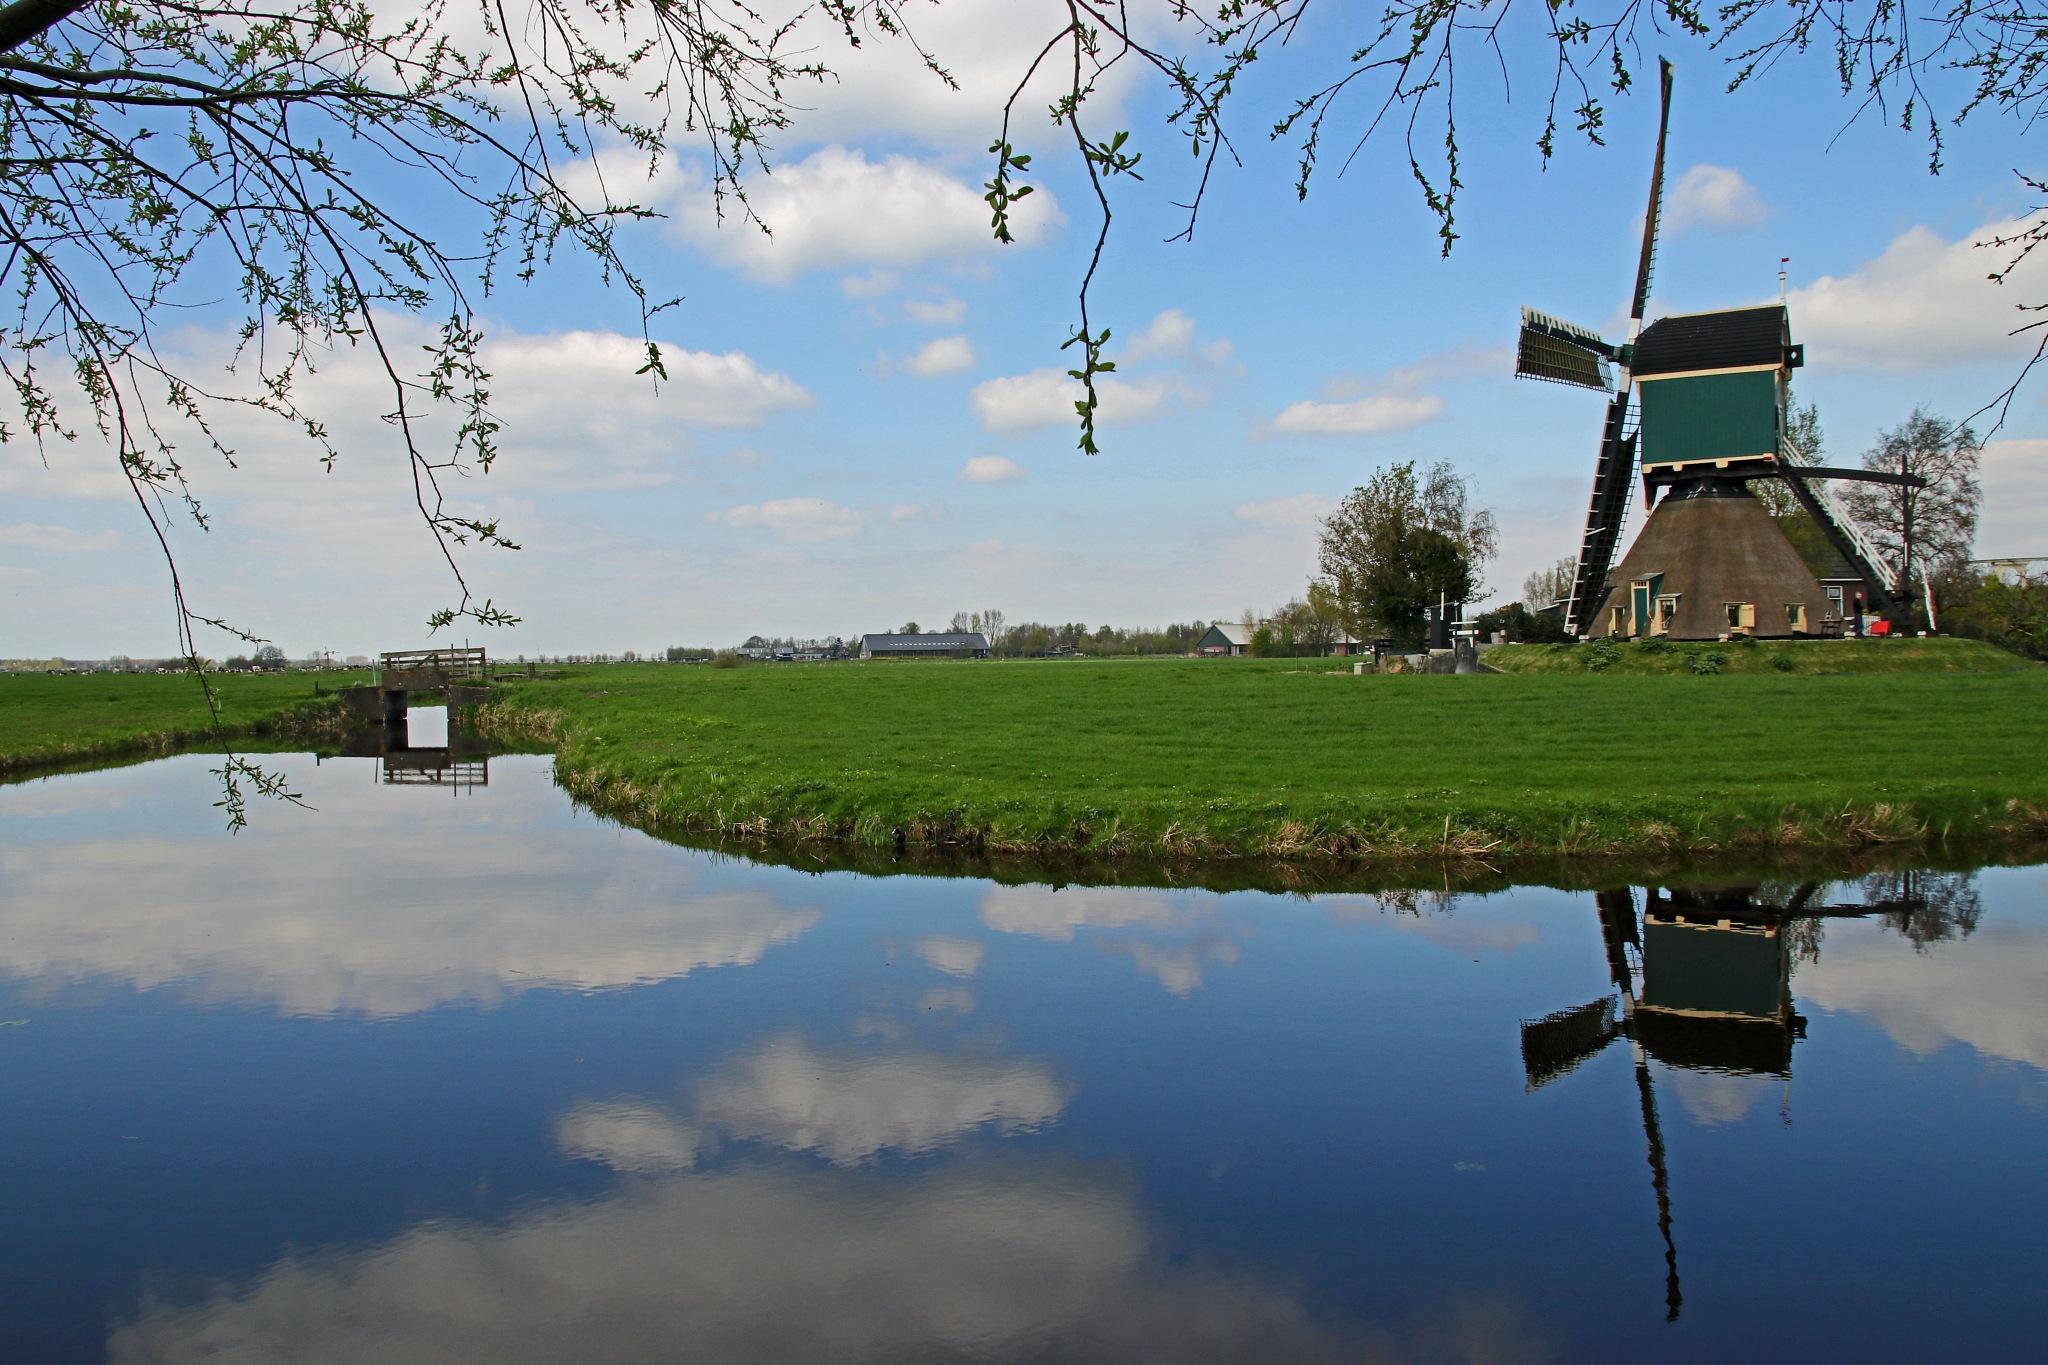 Mill of Spengen by Jeroen Wouter van der Vlist